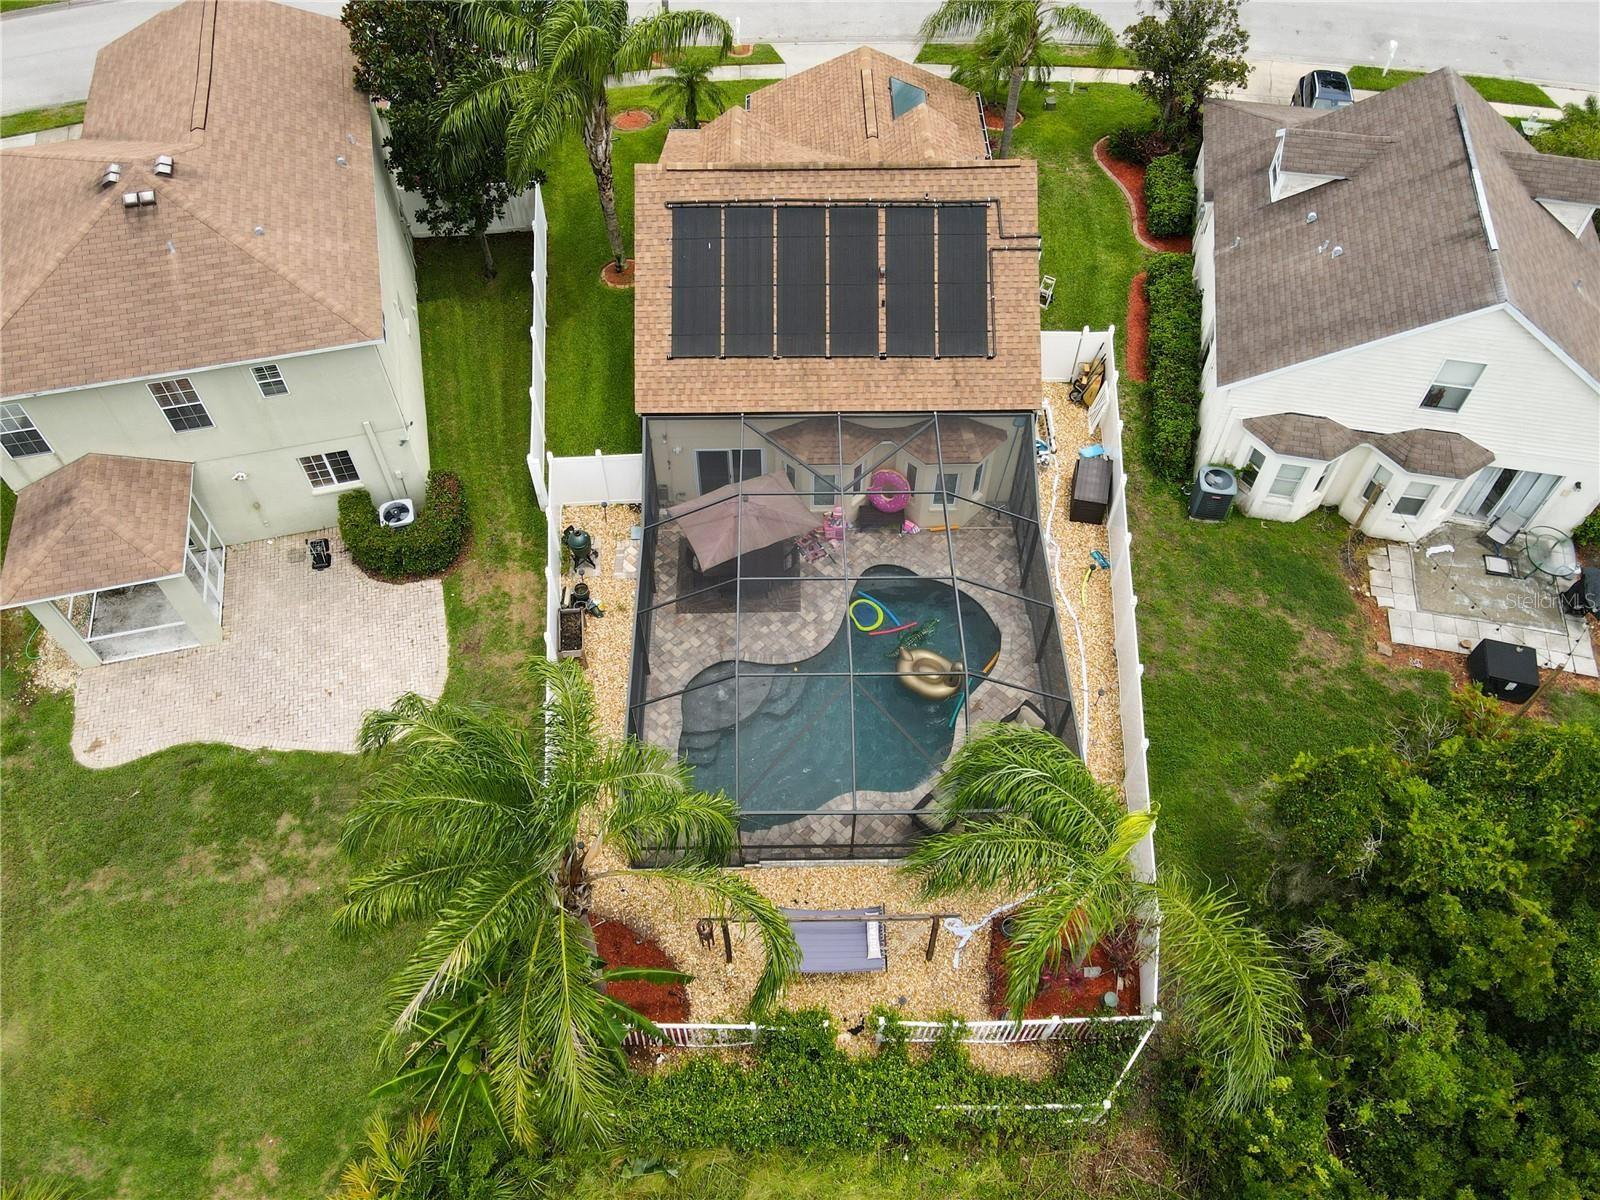 Photo of 5003 PRAIRIE VIEW WAY, WESLEY CHAPEL, FL 33545 (MLS # U8128072)